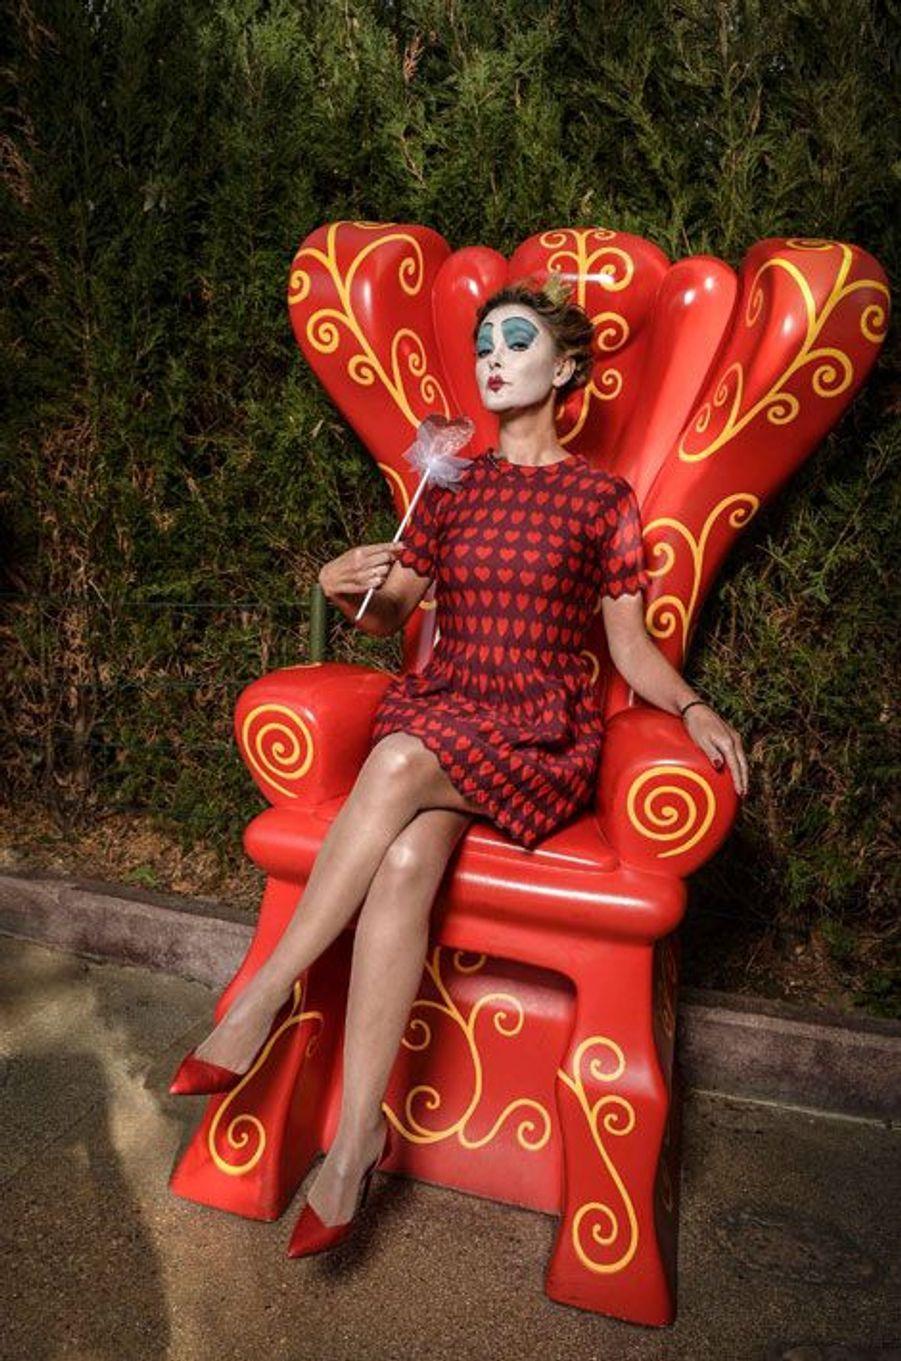 Sandrine Quétier devient la Reine de Coeur le temps d'une journée à Disneyland Paris pour Halloween